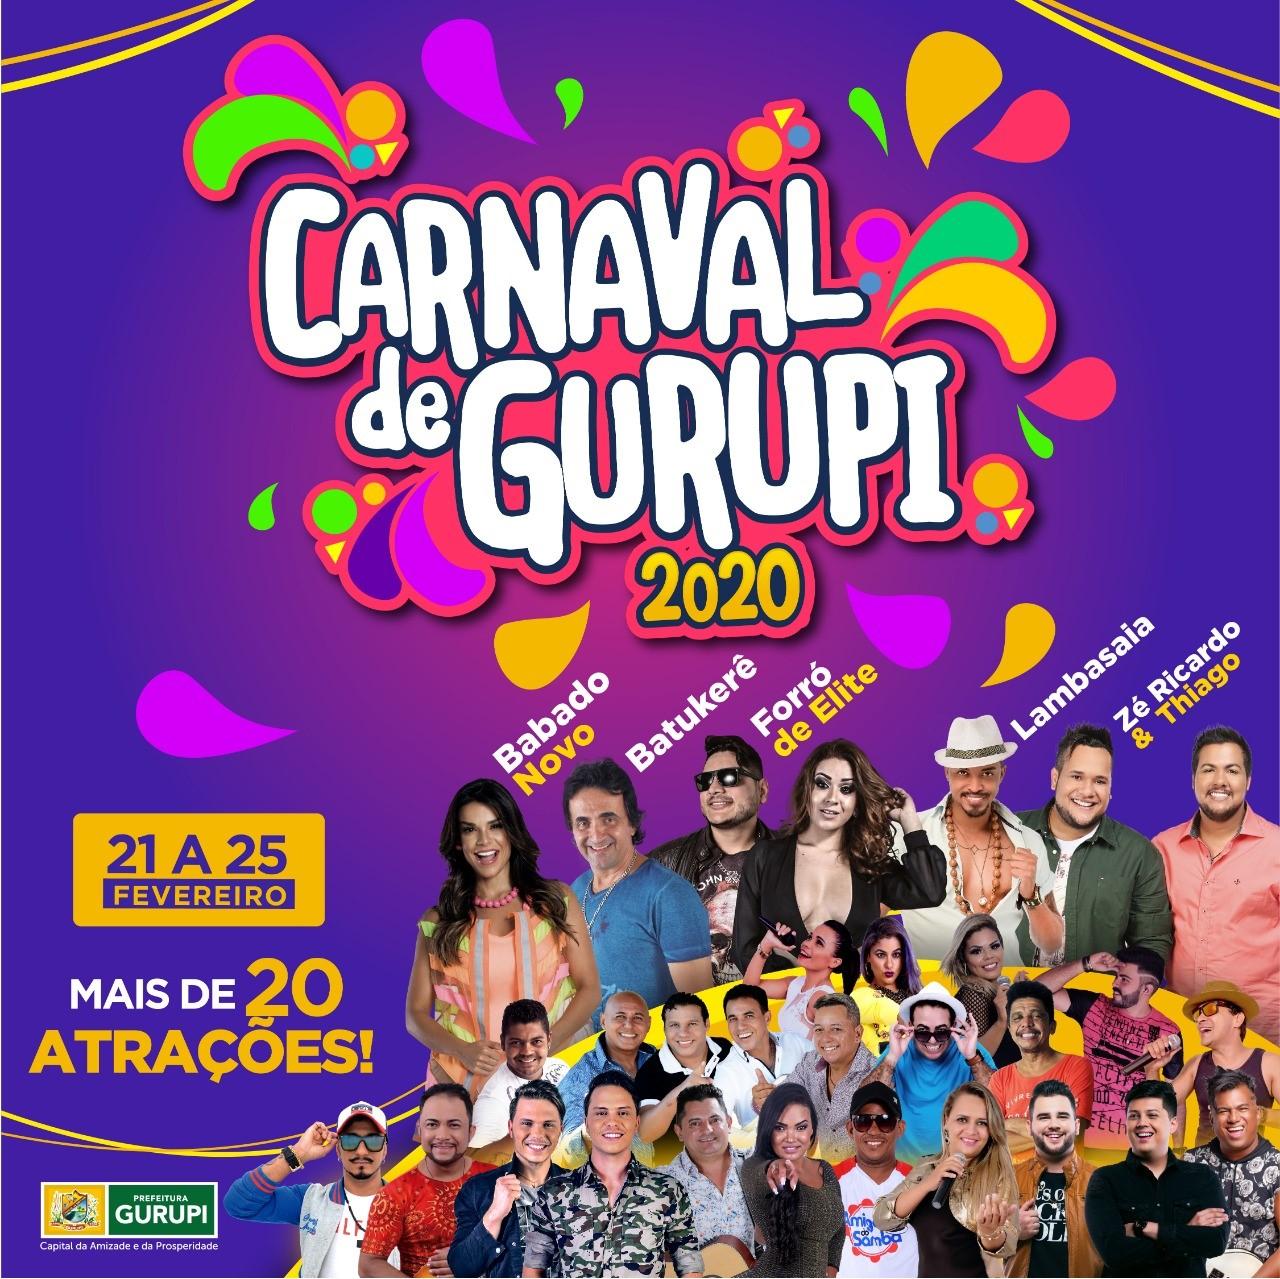 Circuito da Folia de Gurupi terá Lambasaia, Babado Novo, Batukerê, Forró de Elite e Zé Ricardo e Thiago